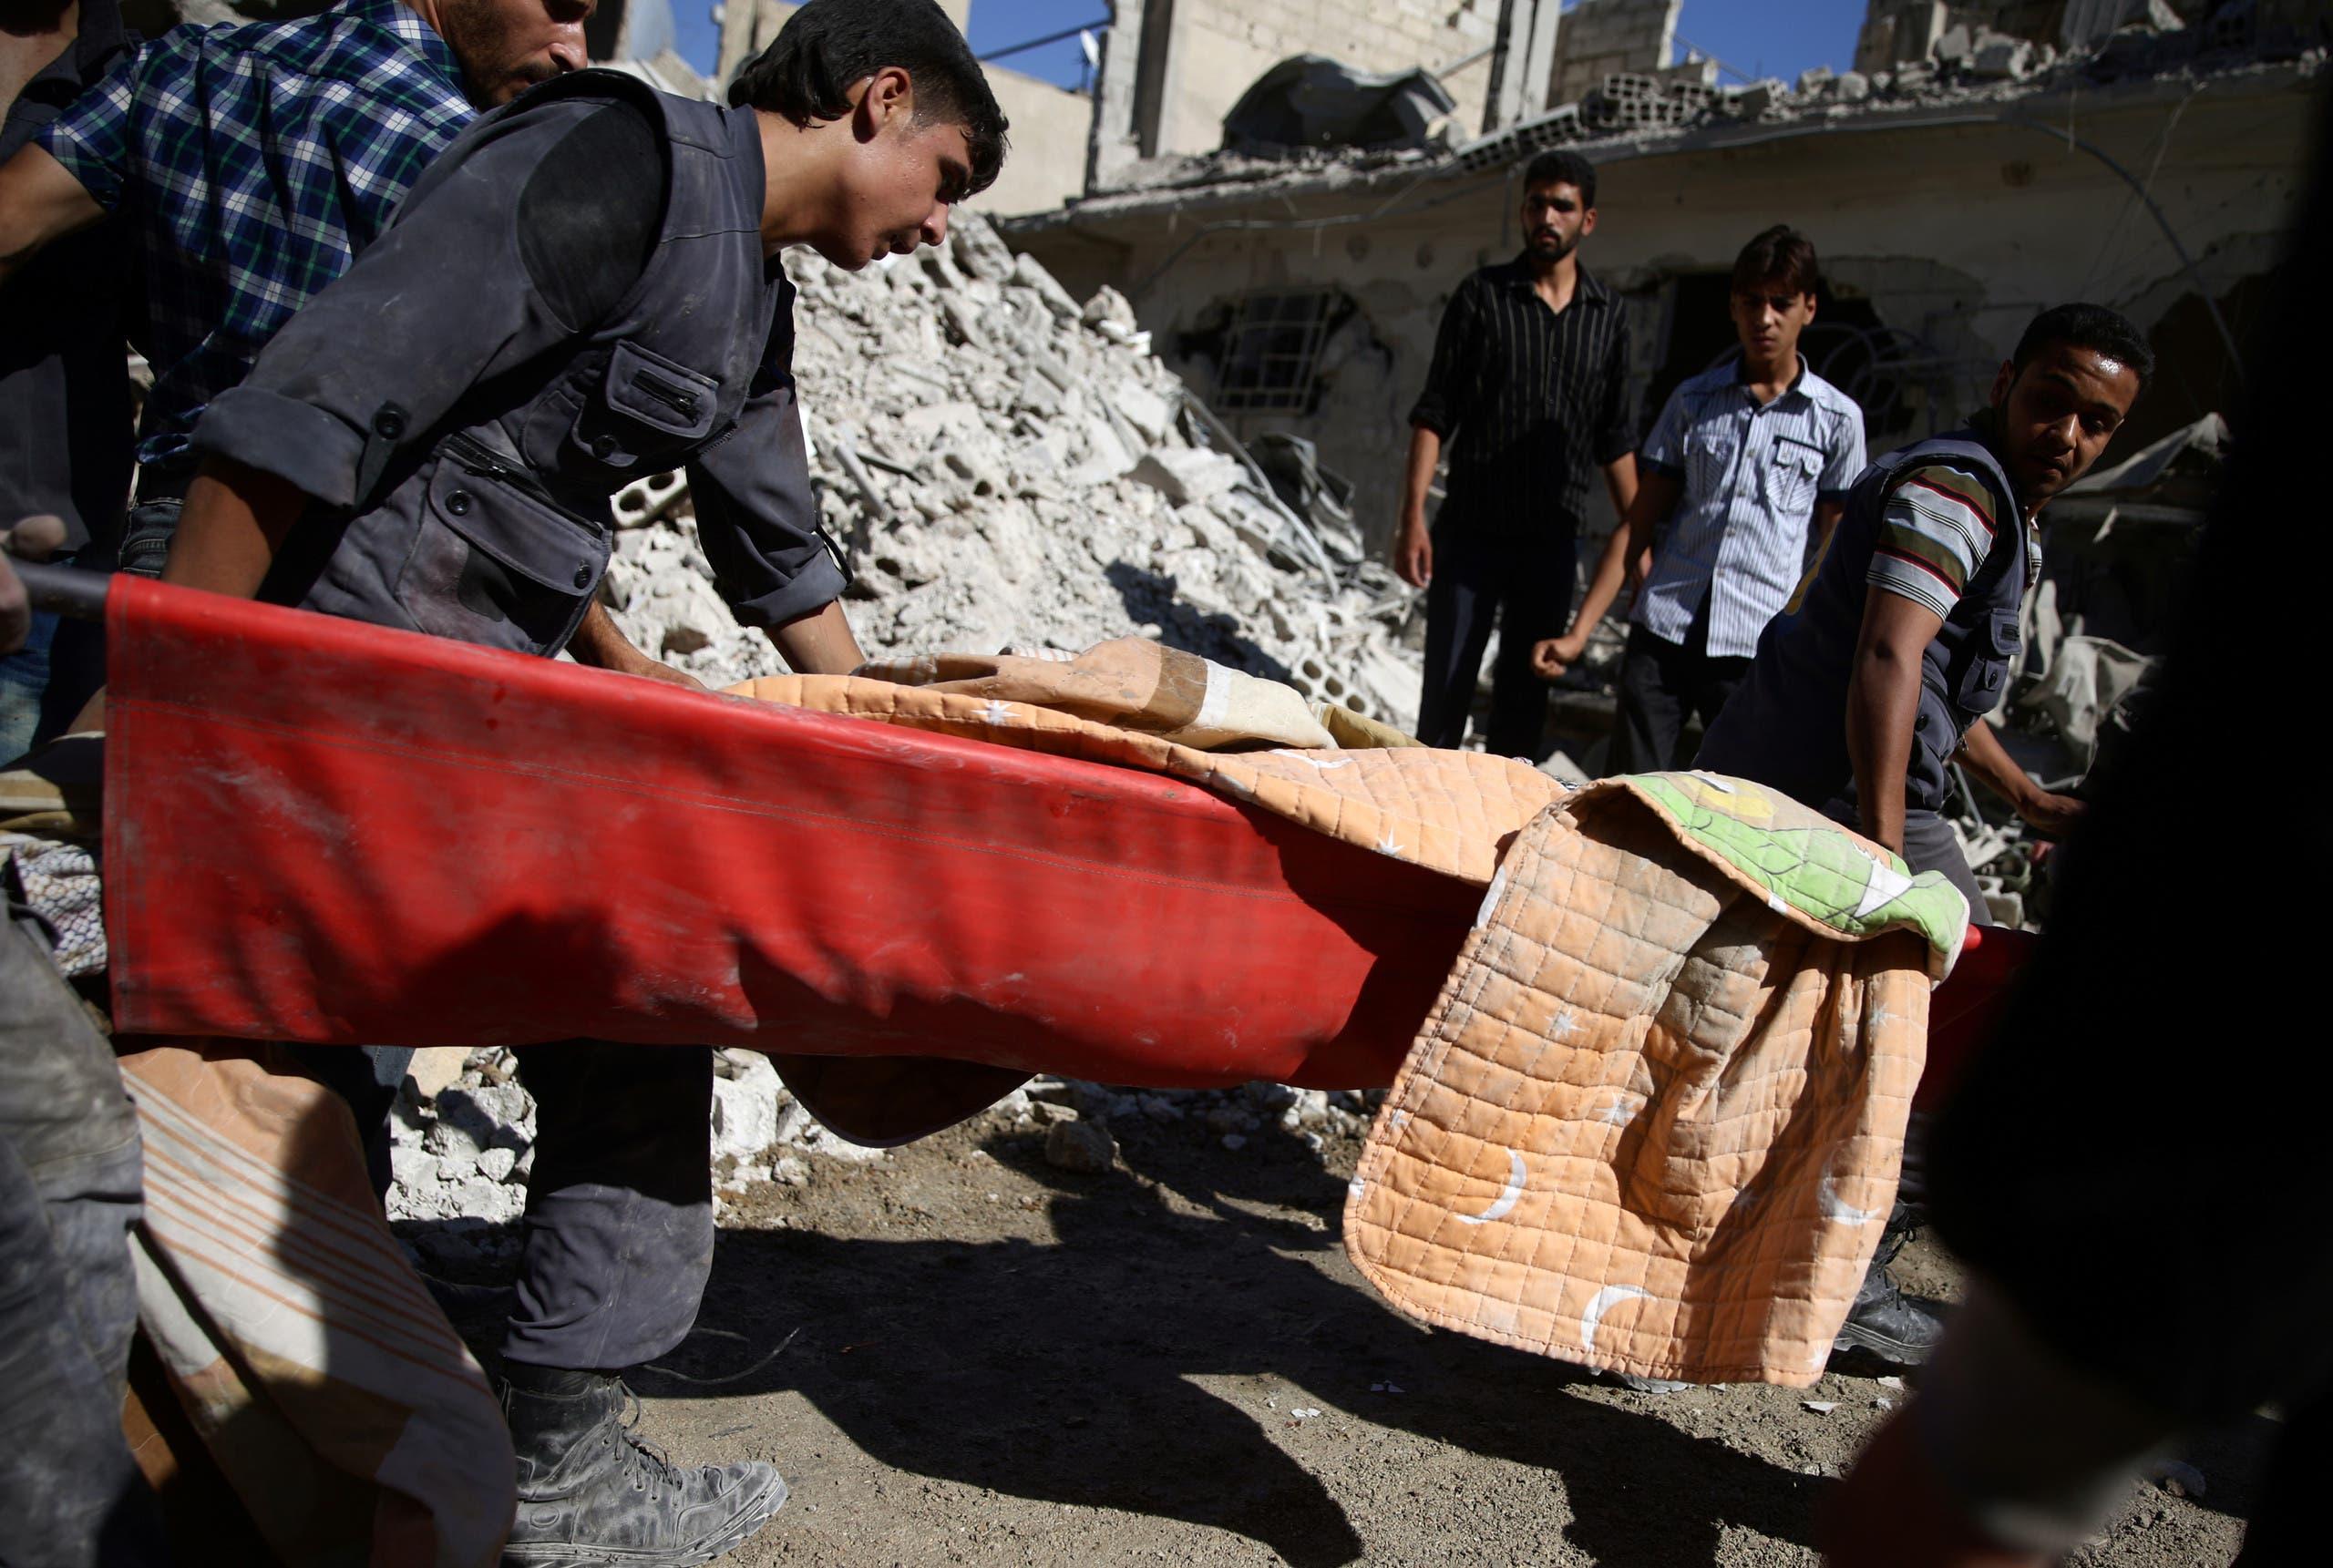 Air strikes in rebel-held Syria